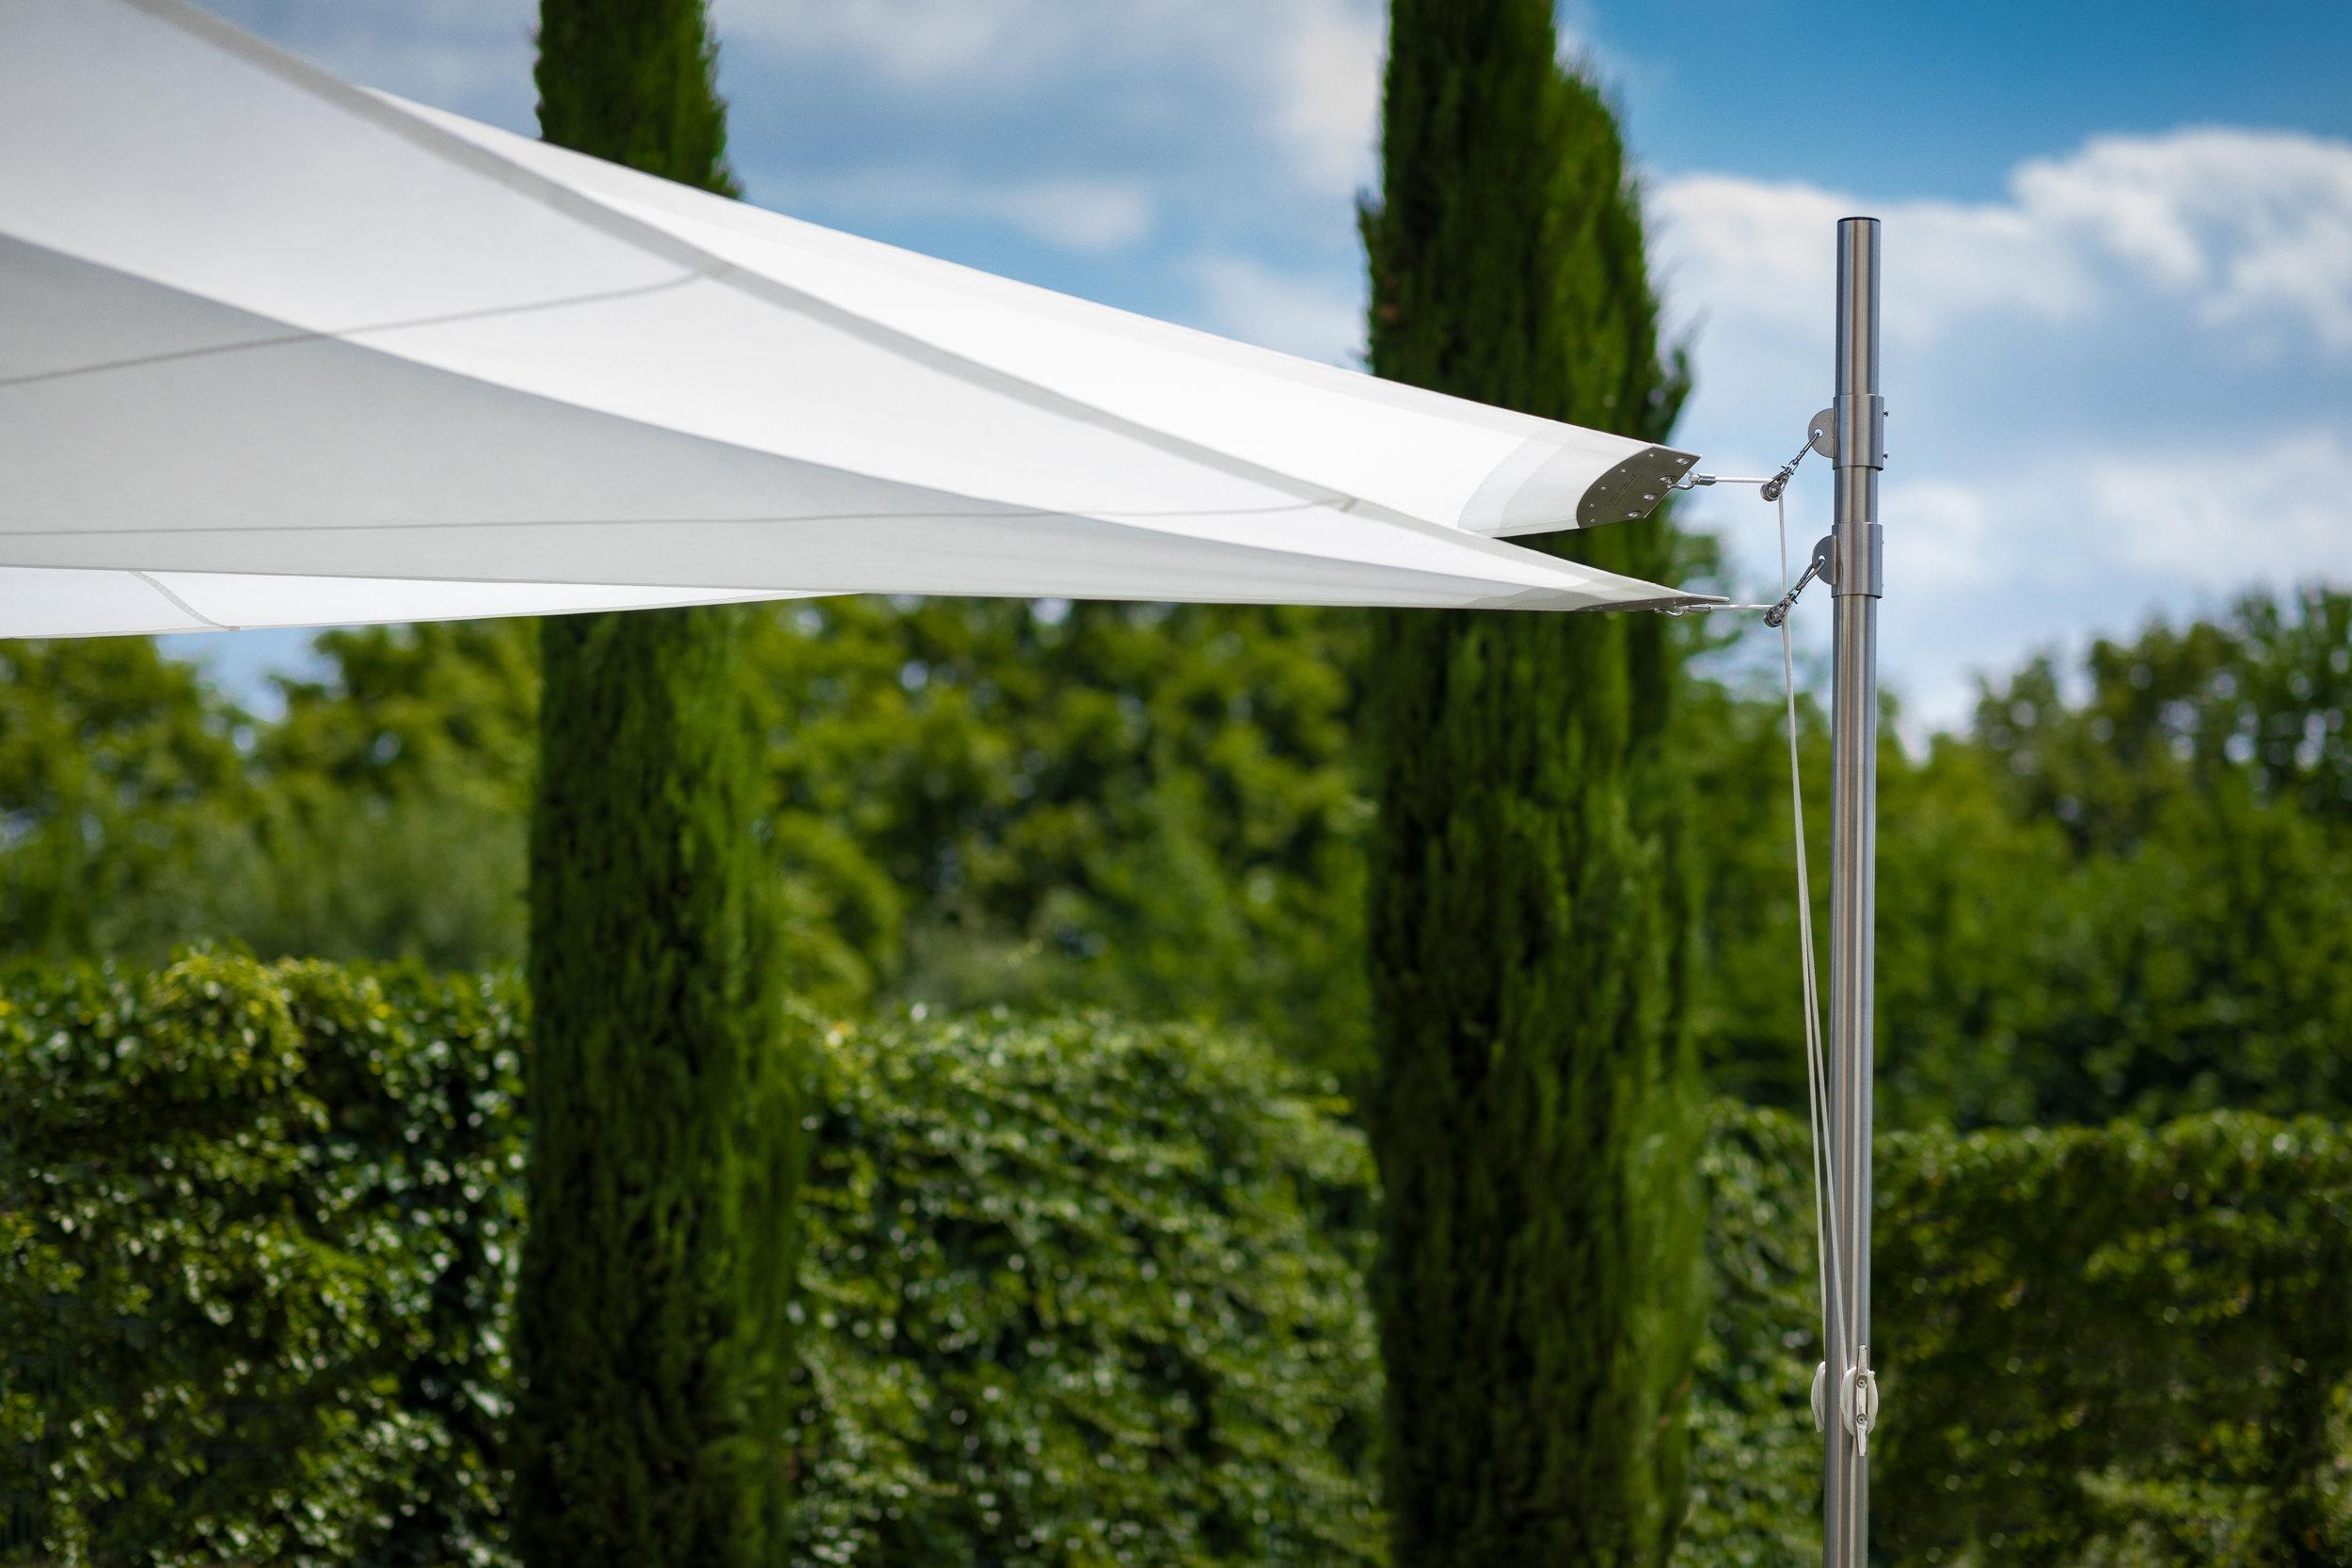 Pflegetipps für rewalux Sonnensegel